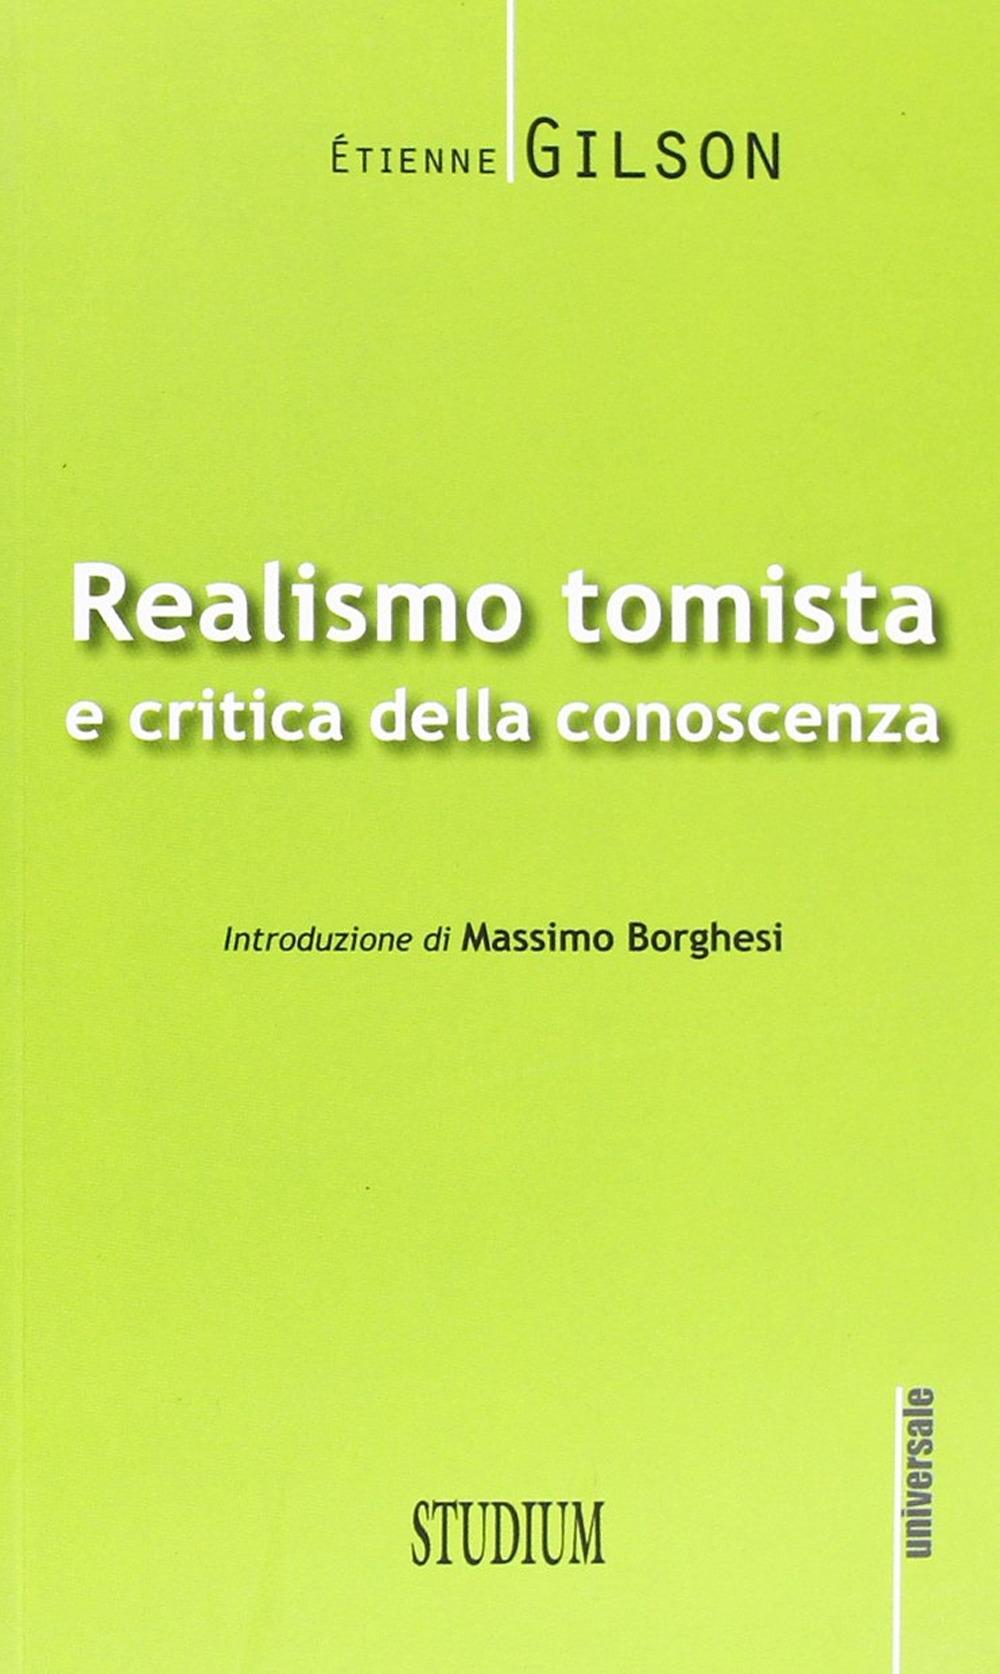 Realismo tomista e critica della conoscenza